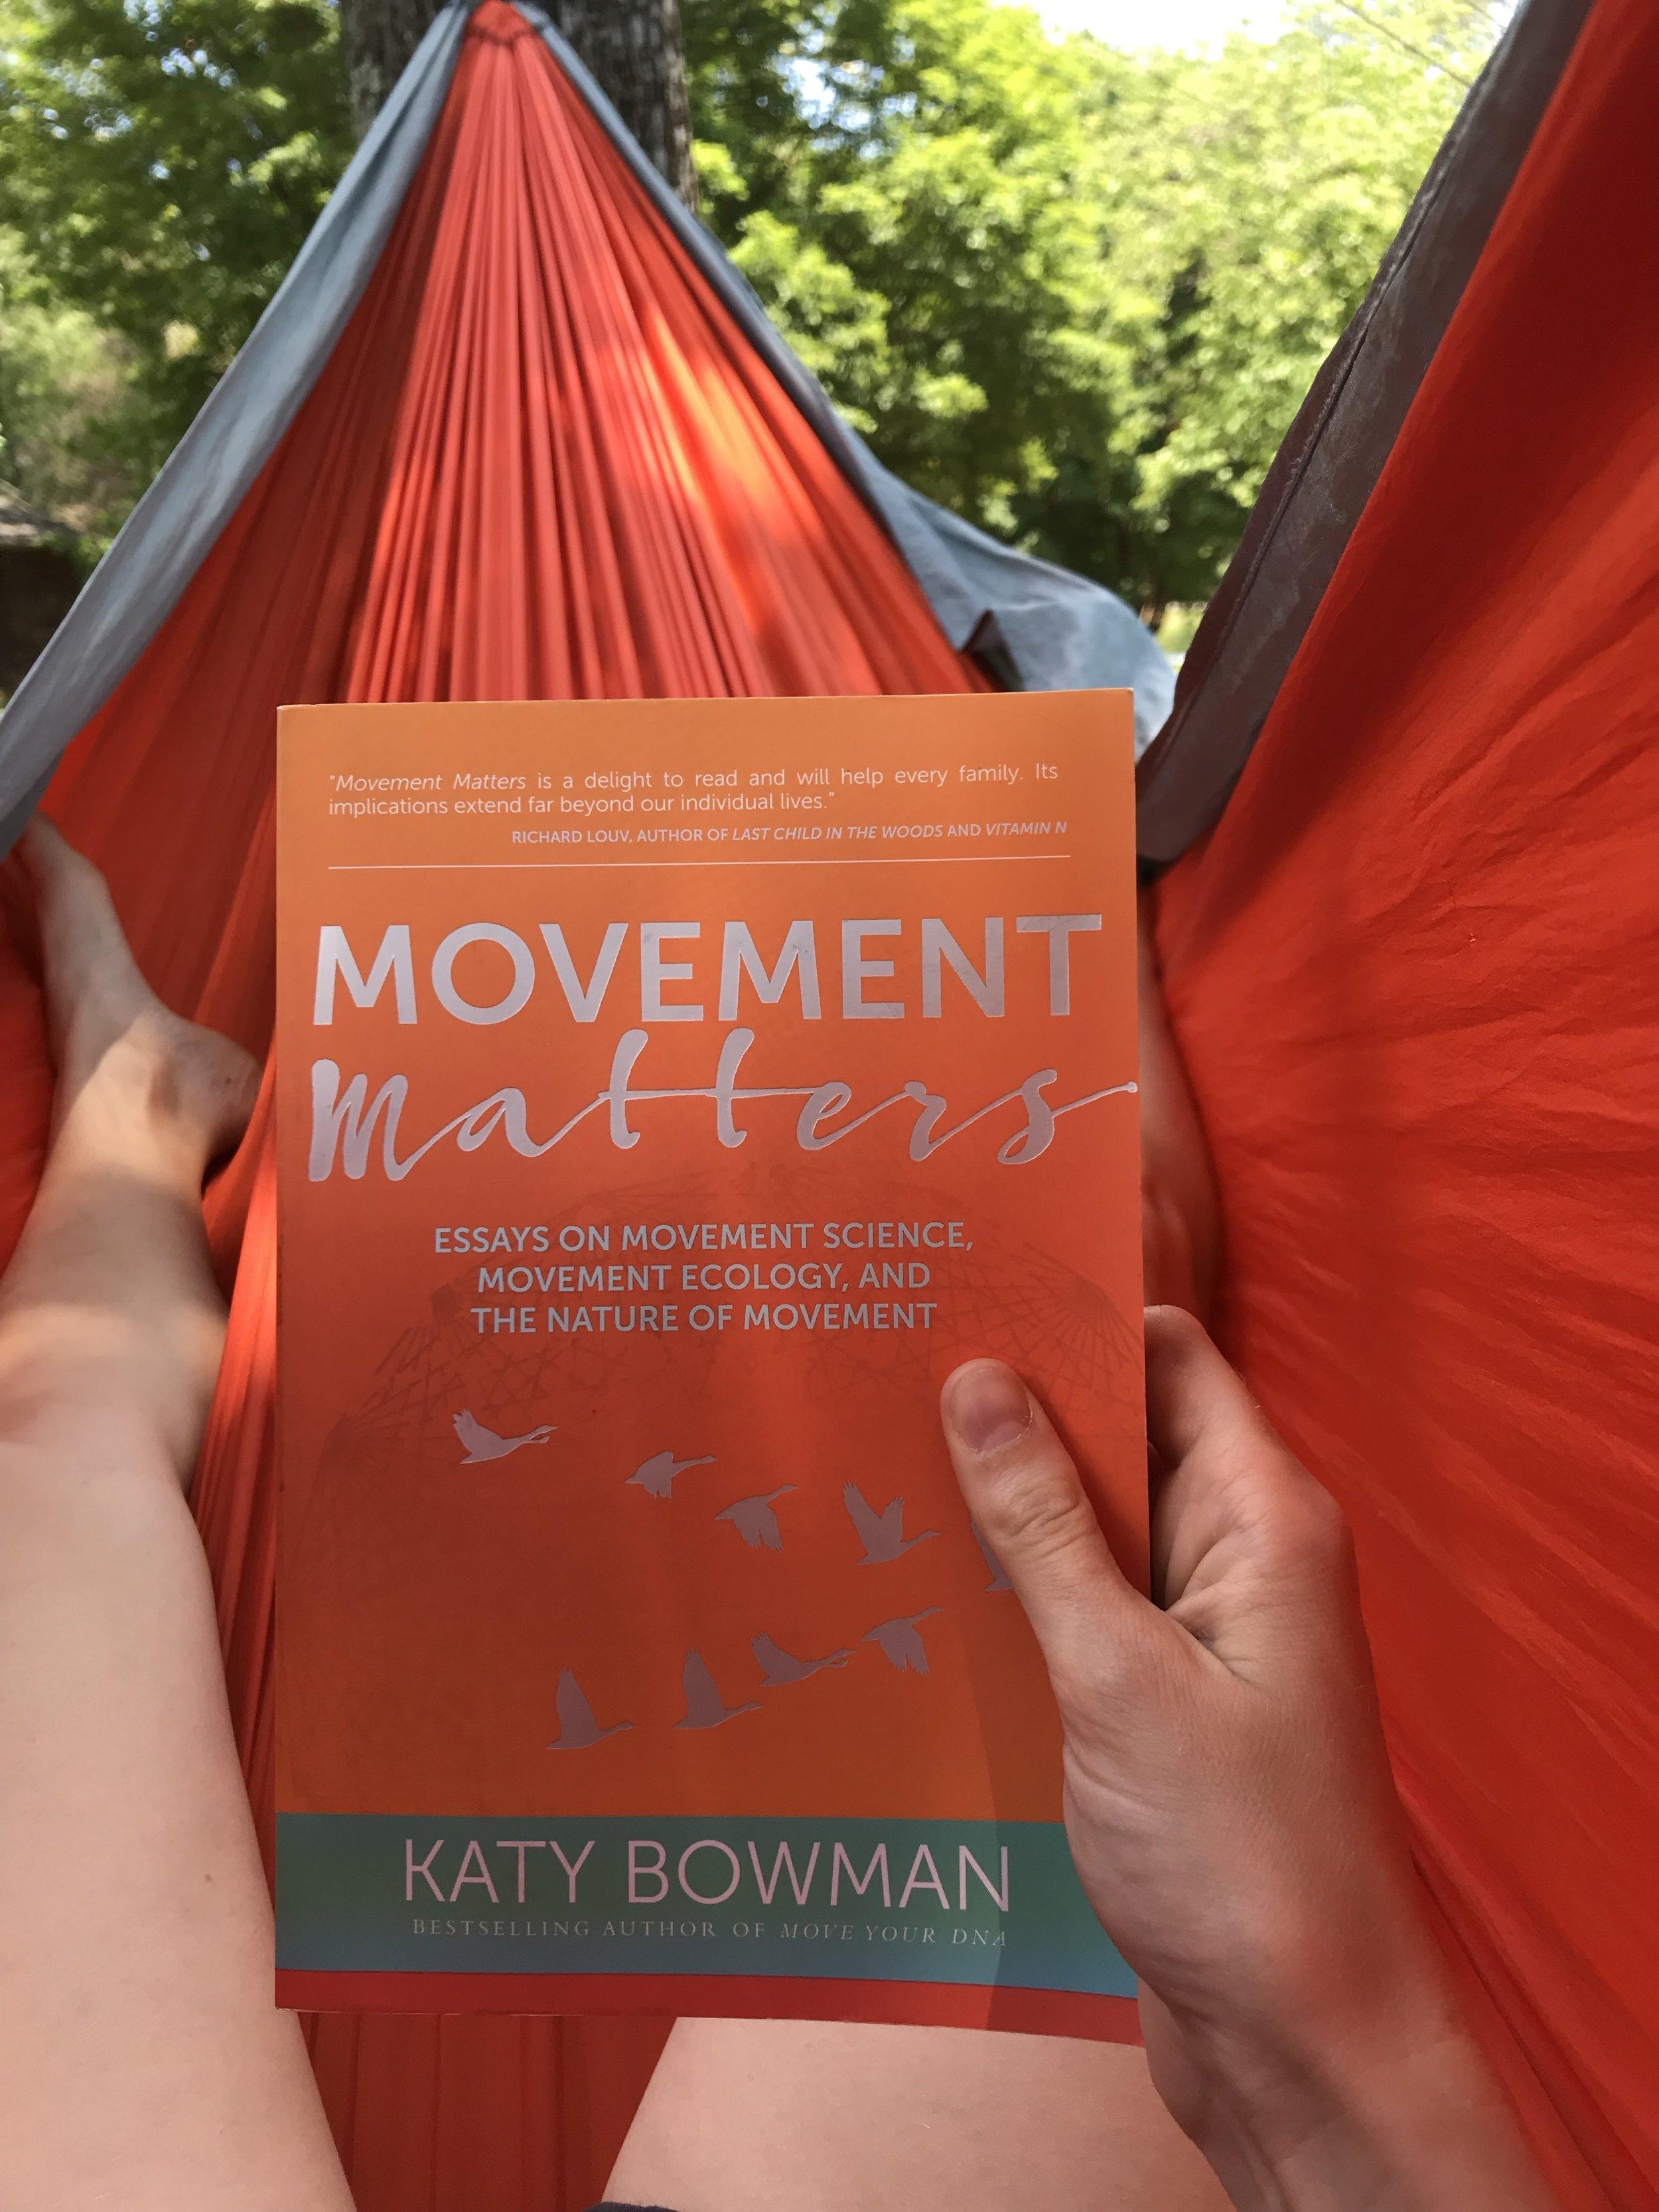 movementmattersbook.jpg